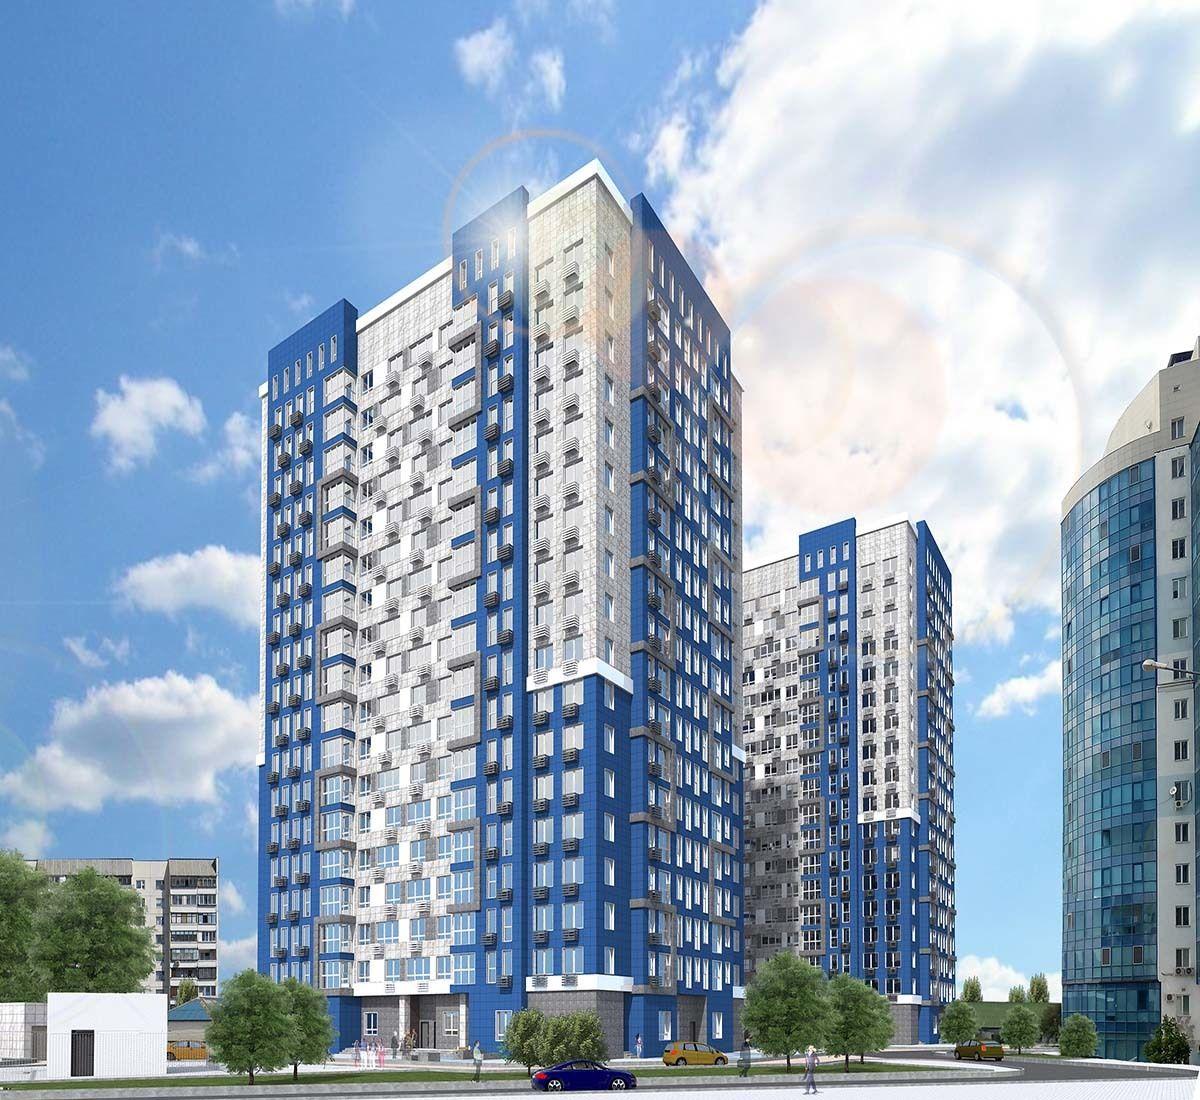 Аквамарин коммерческая недвижимость аренда помещения москва под производство и офис